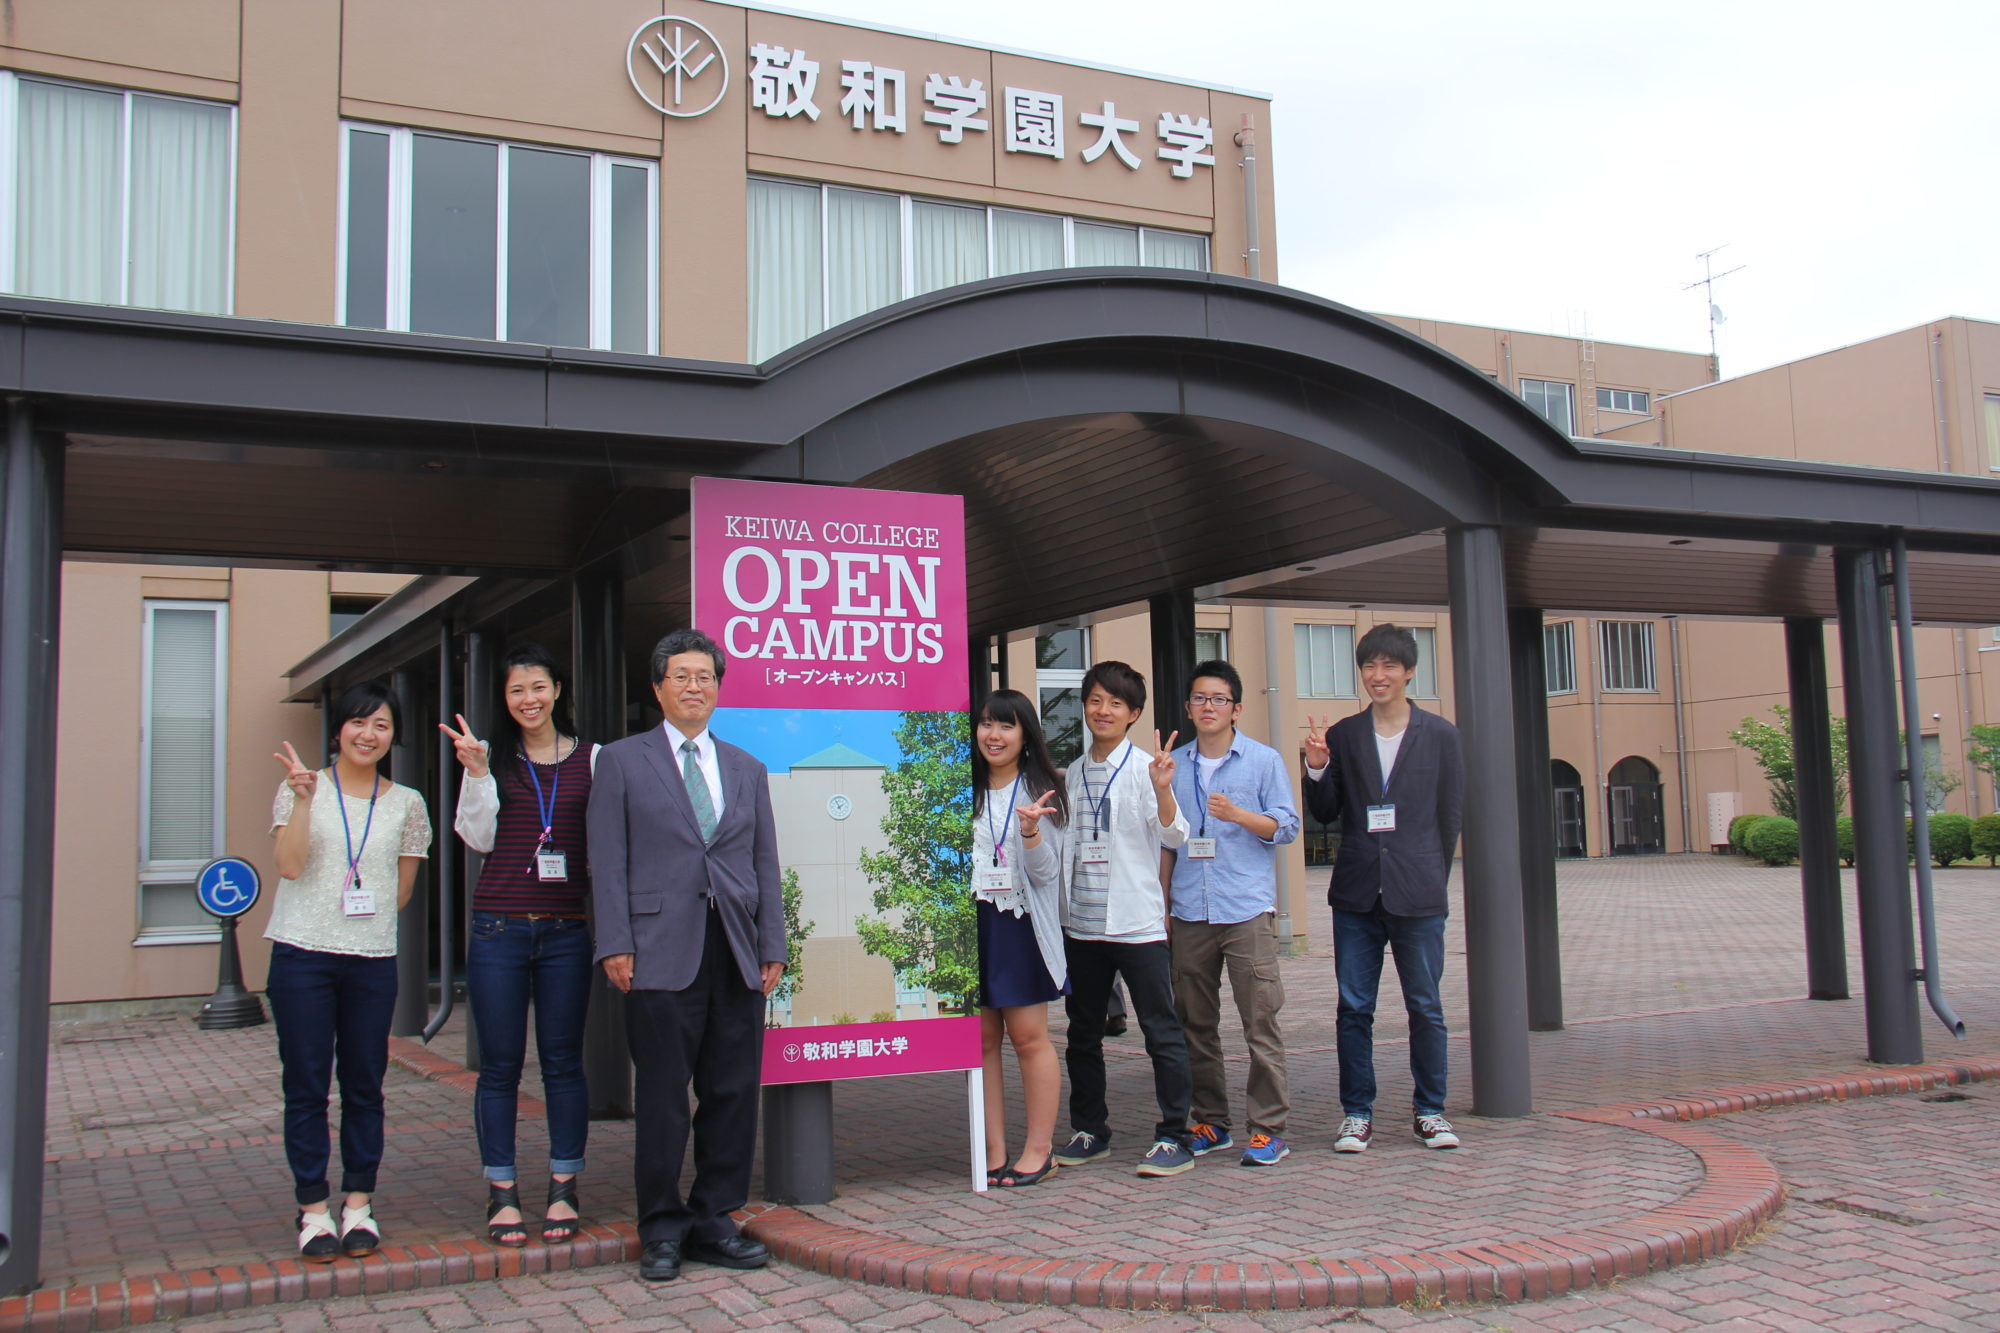 今年度最初のオープンキャンパスを開催しました